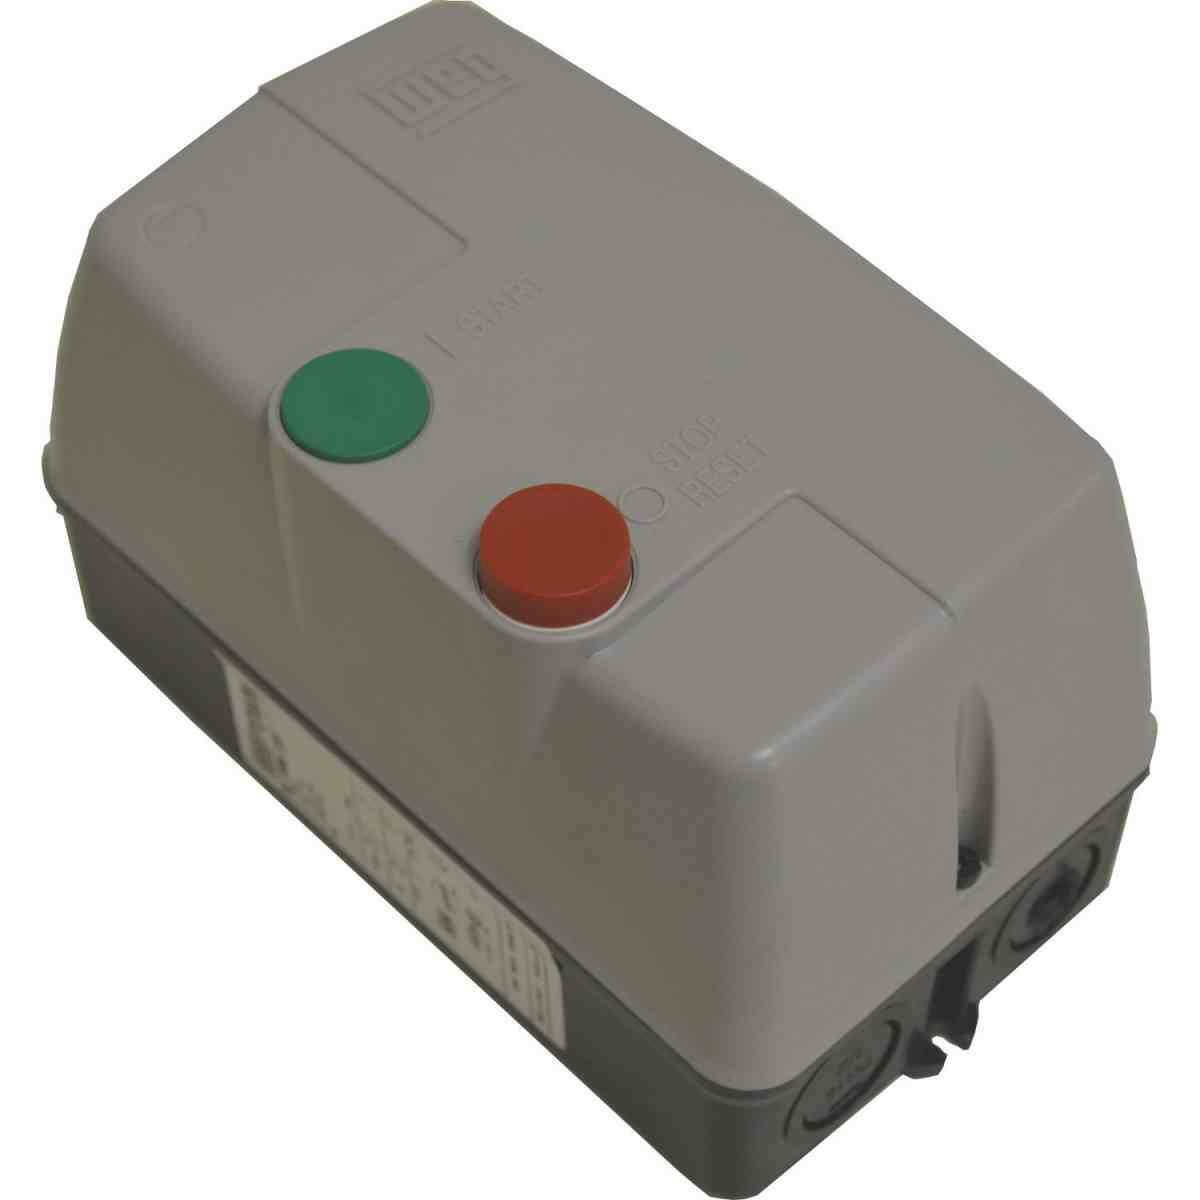 Chave De Proteção De Partida Direta 5cv 380V Trif Pdw04-5v40 Weg